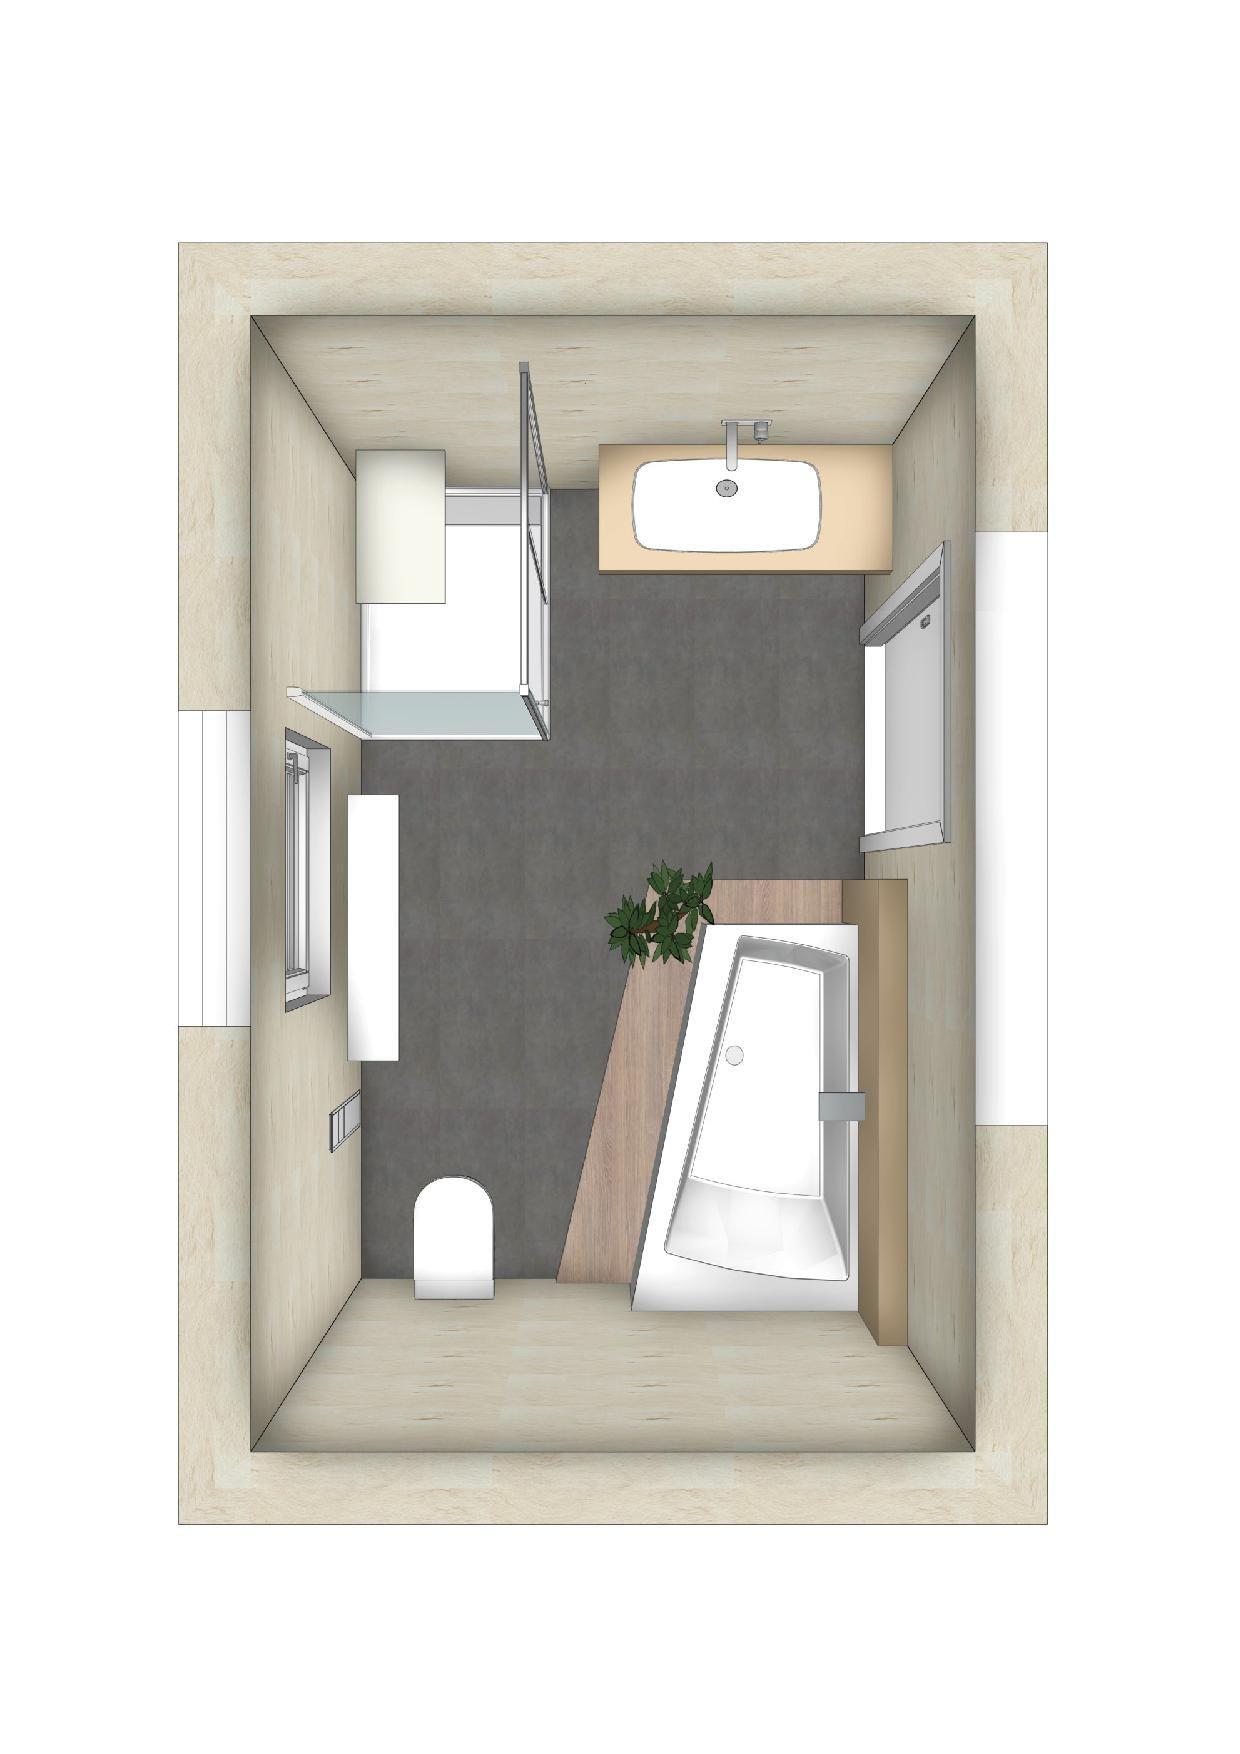 Kleine badezimmer planen jtleigh hausgestaltung 28 images kleine badezimmer planen jtleigh - Kleines badezimmer planen ...